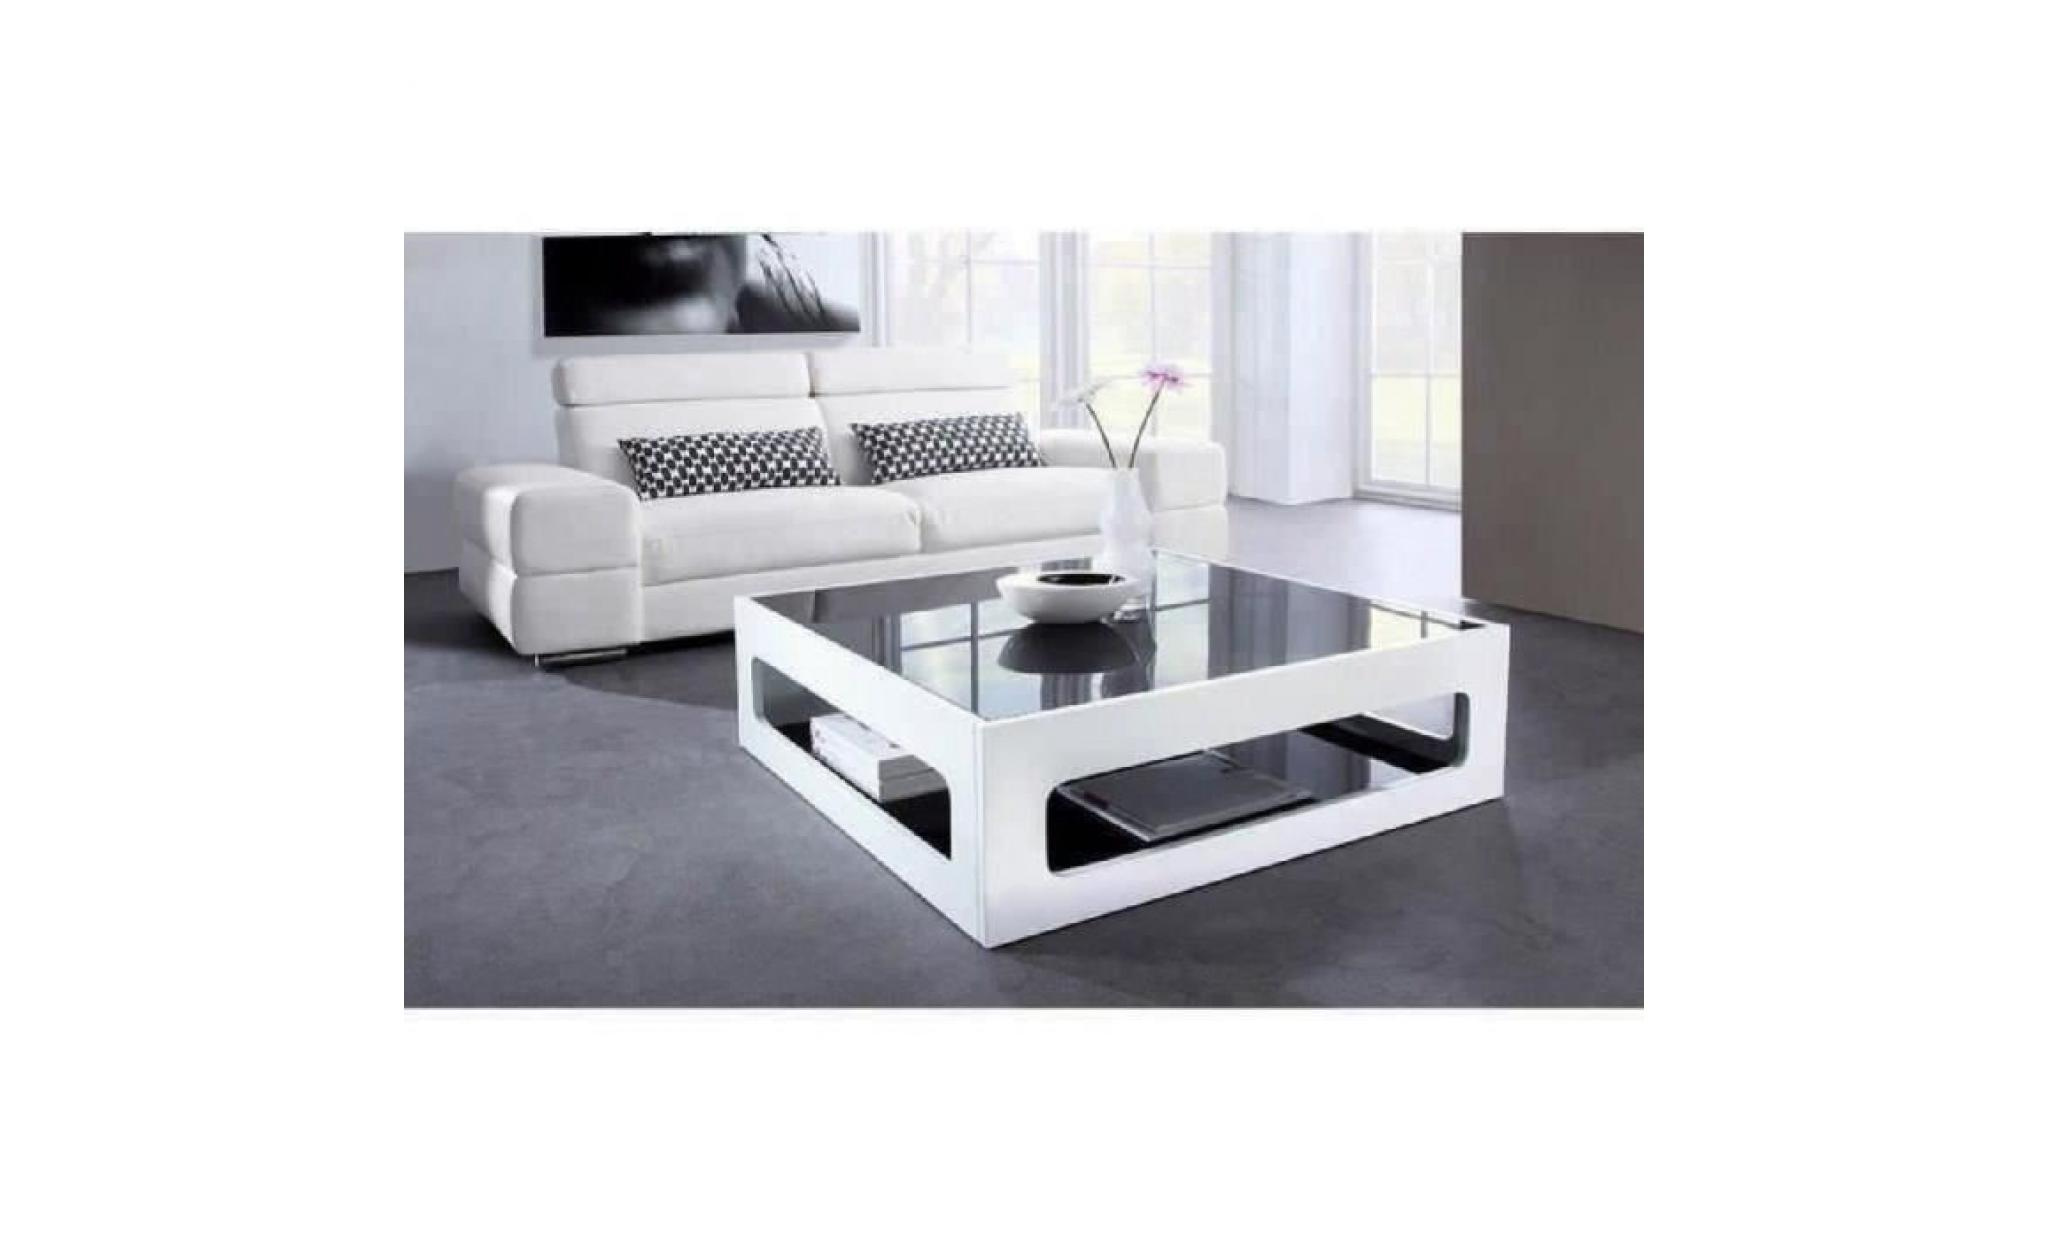 Table Basse Carree Pas Cher.Angel Table Basse Carree Style Contemporain Laquee Blanc Brillant Avec Plateaux En Verre Trempe Noir L 90 X L 90 Cm